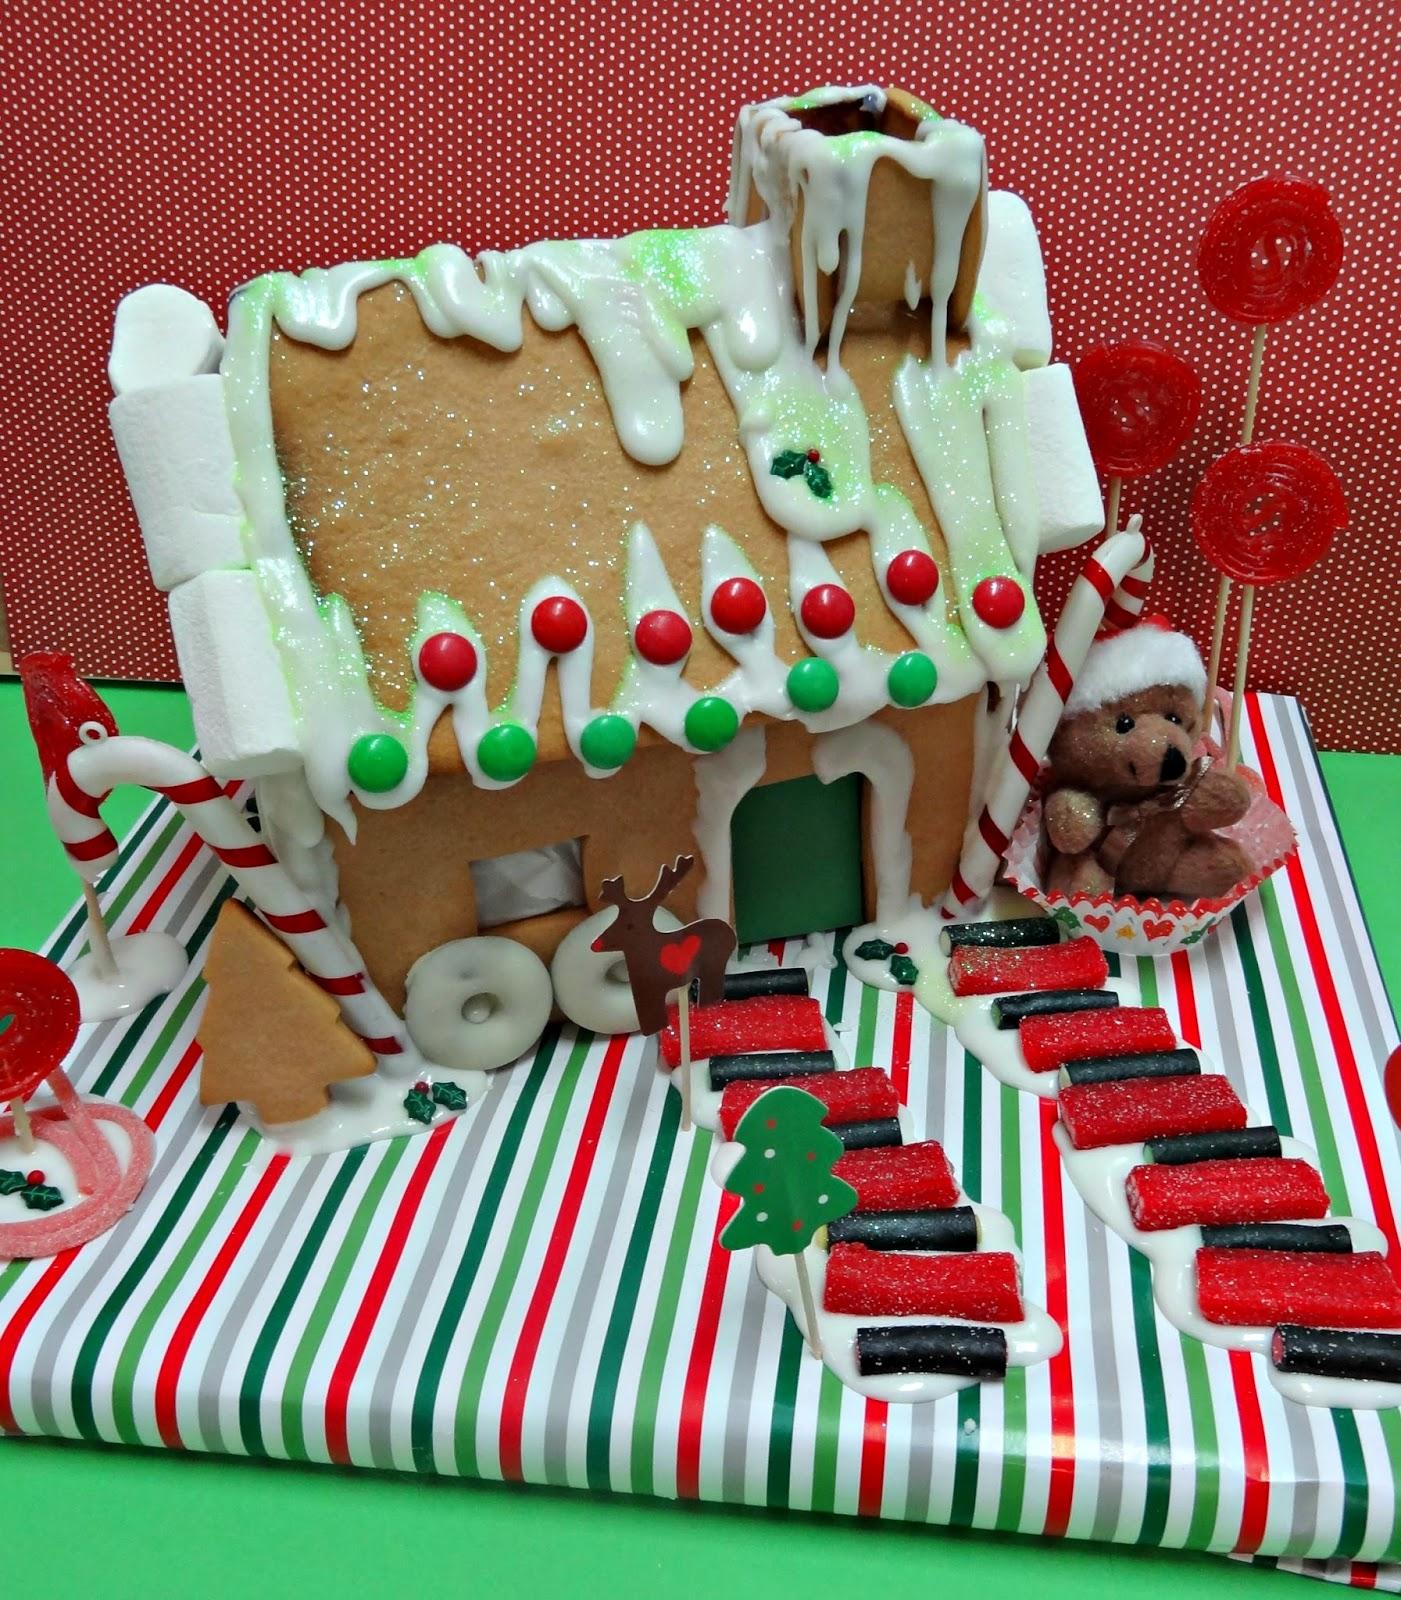 Celebra con ana compartiendo experiencias creativas navidad - Casitas de navidad ...